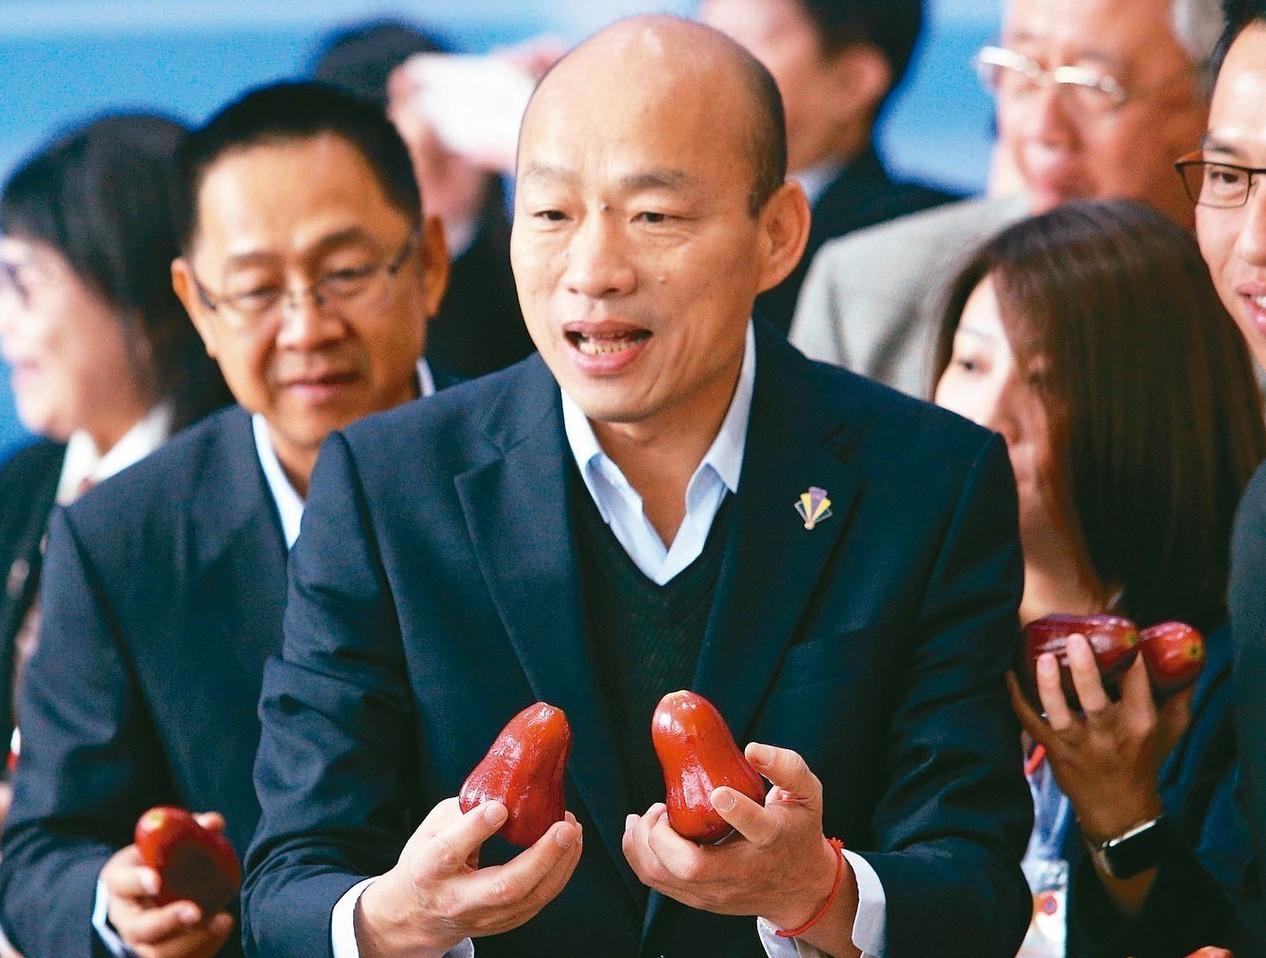 行政院前院長賴清德提醒「賣農不賣身」,高雄市長韓國瑜(圖)反批「豬八戒賣不了人參...